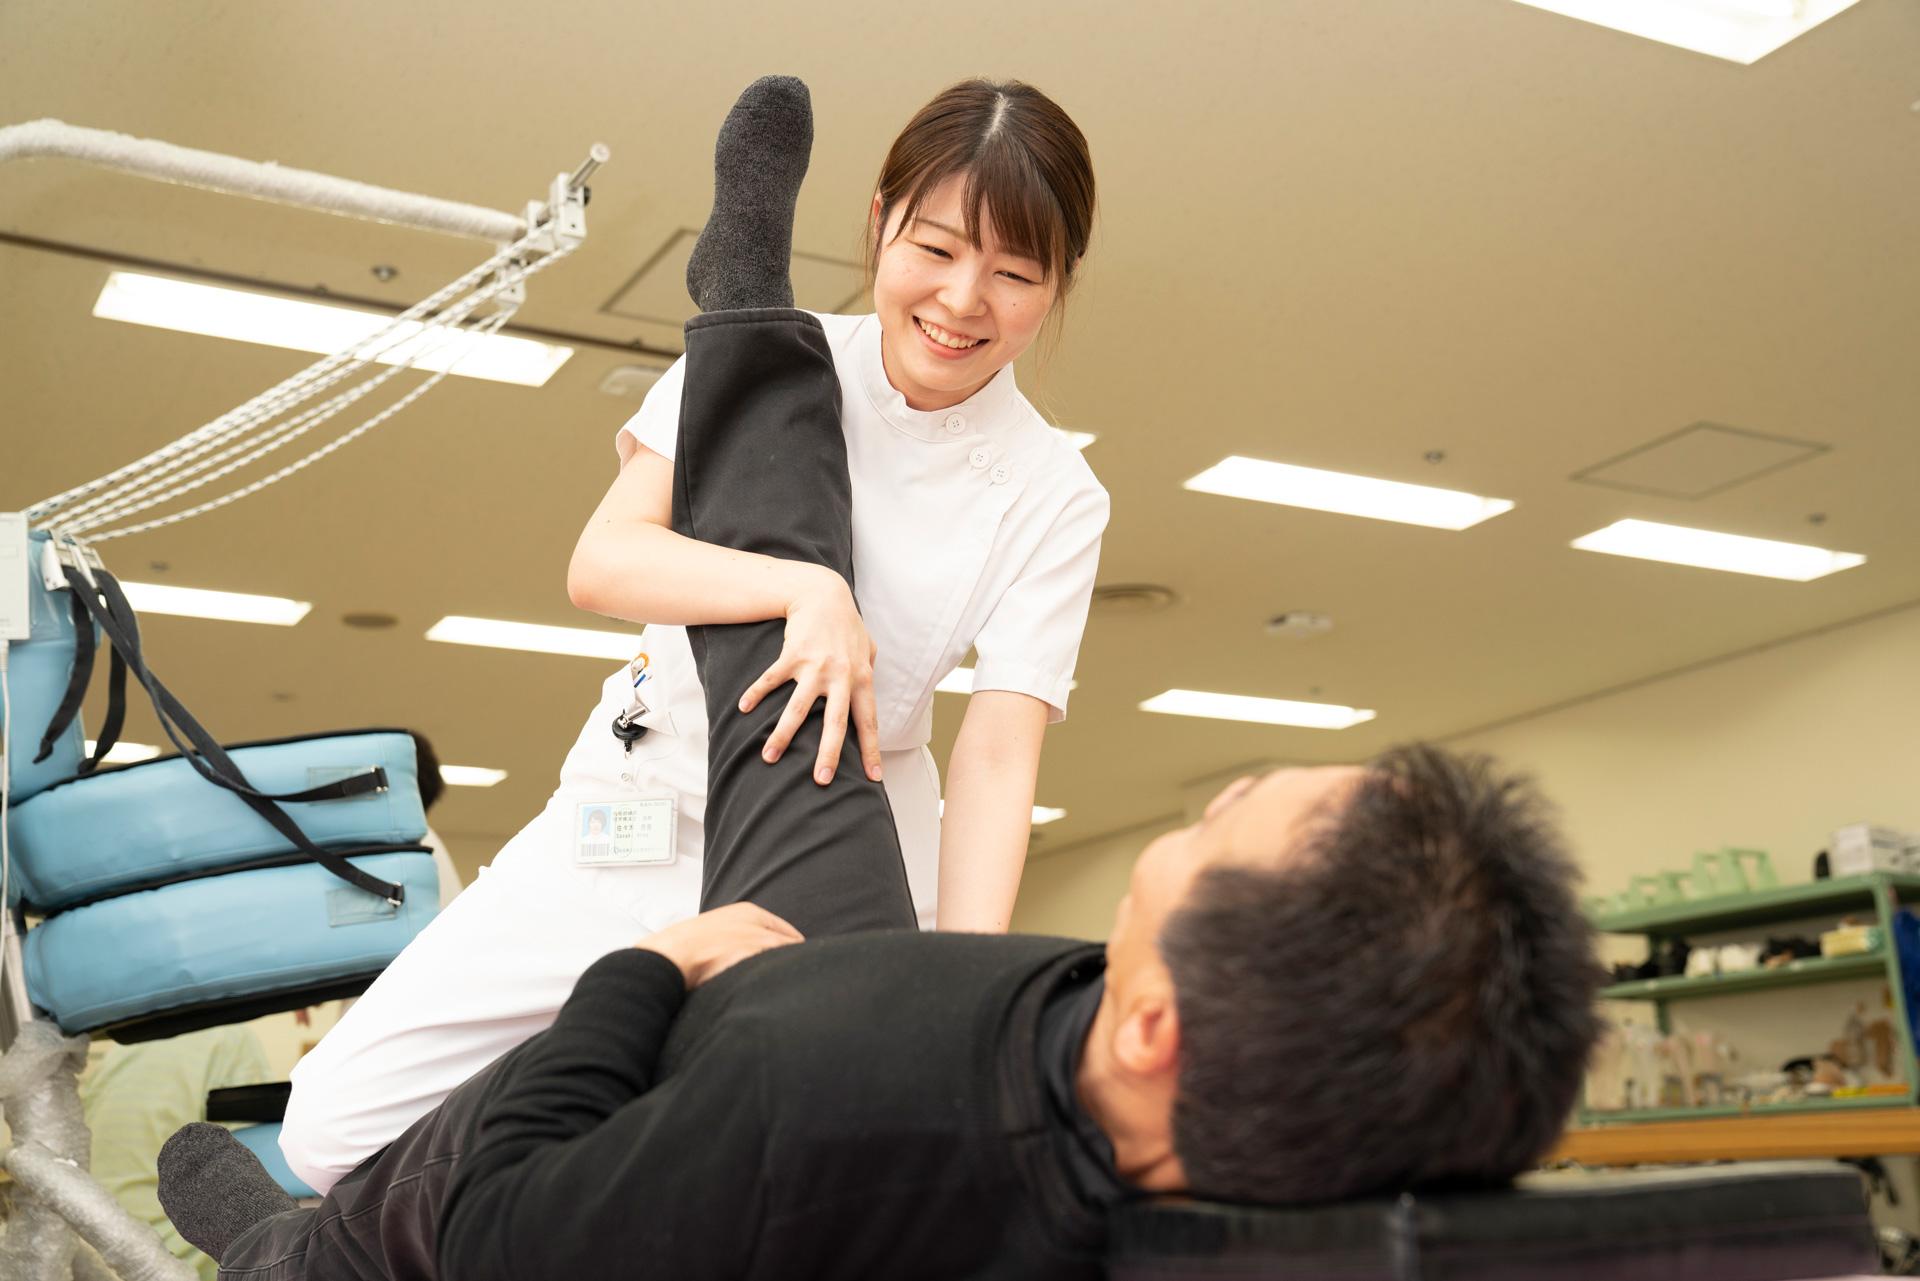 写真:理学療法士が患者の足を上げている様子